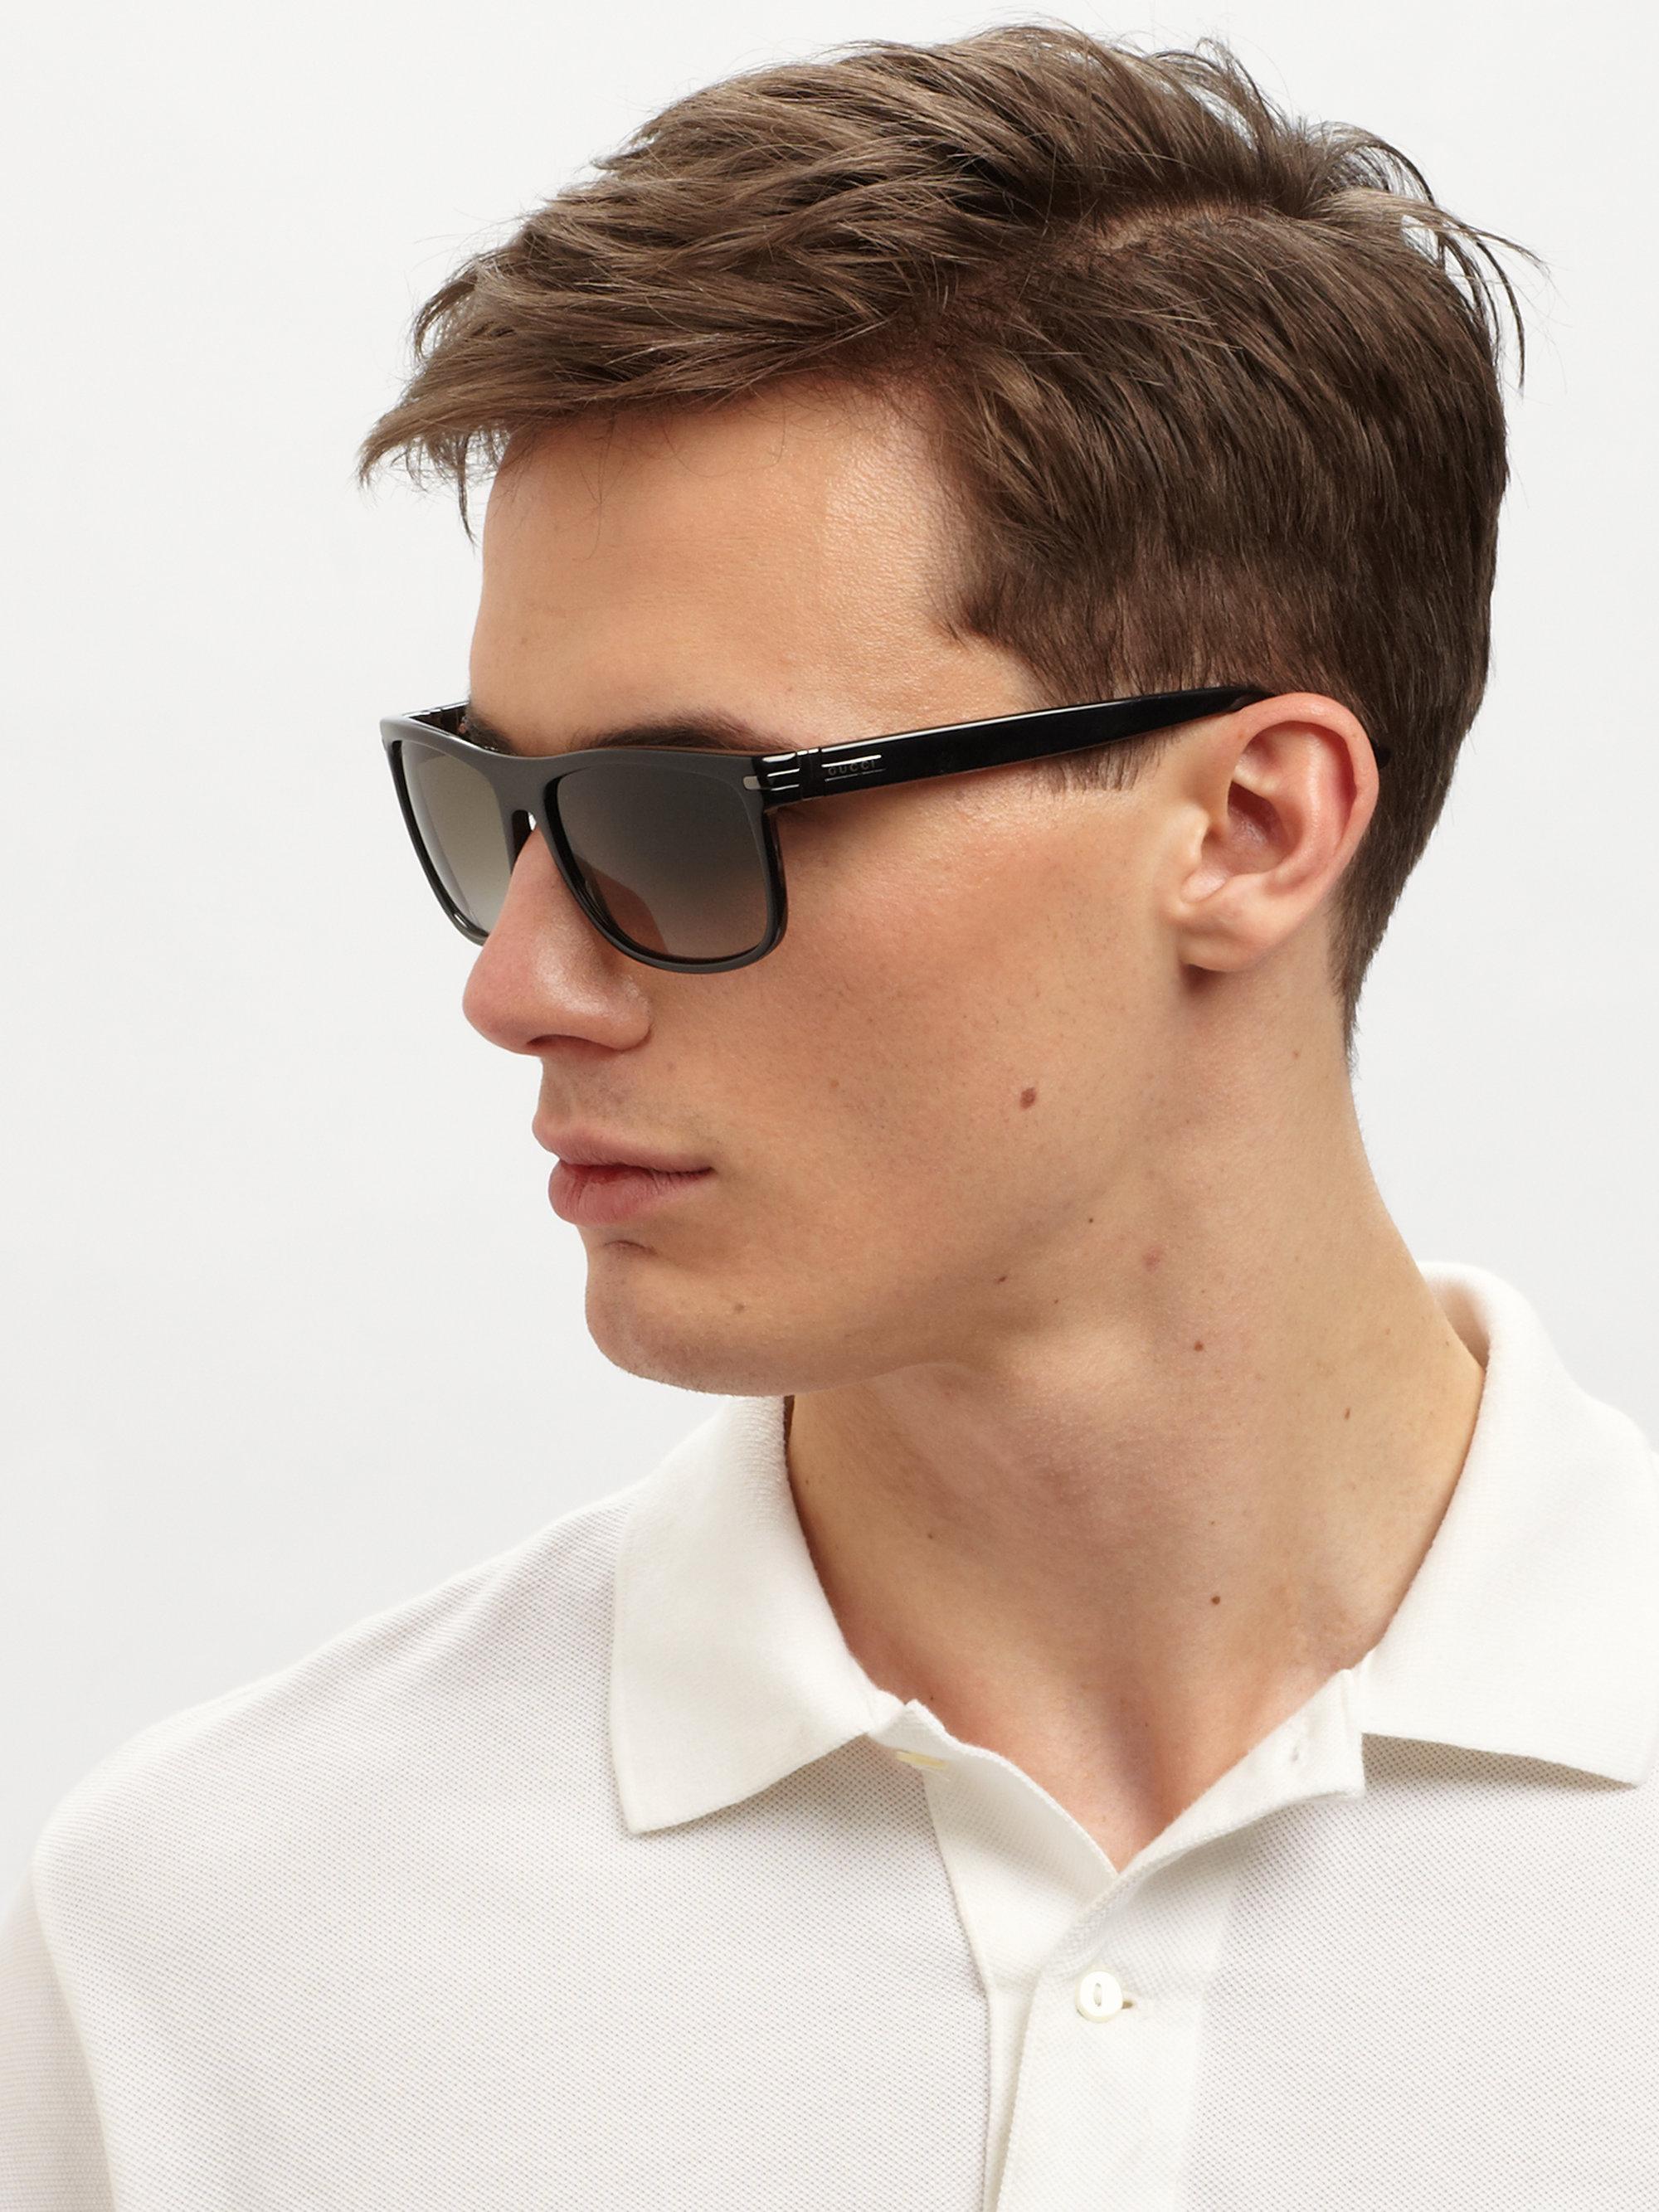 bdfbfea48c Lyst - Gucci Classic Acetate Sunglasses in Black for Men